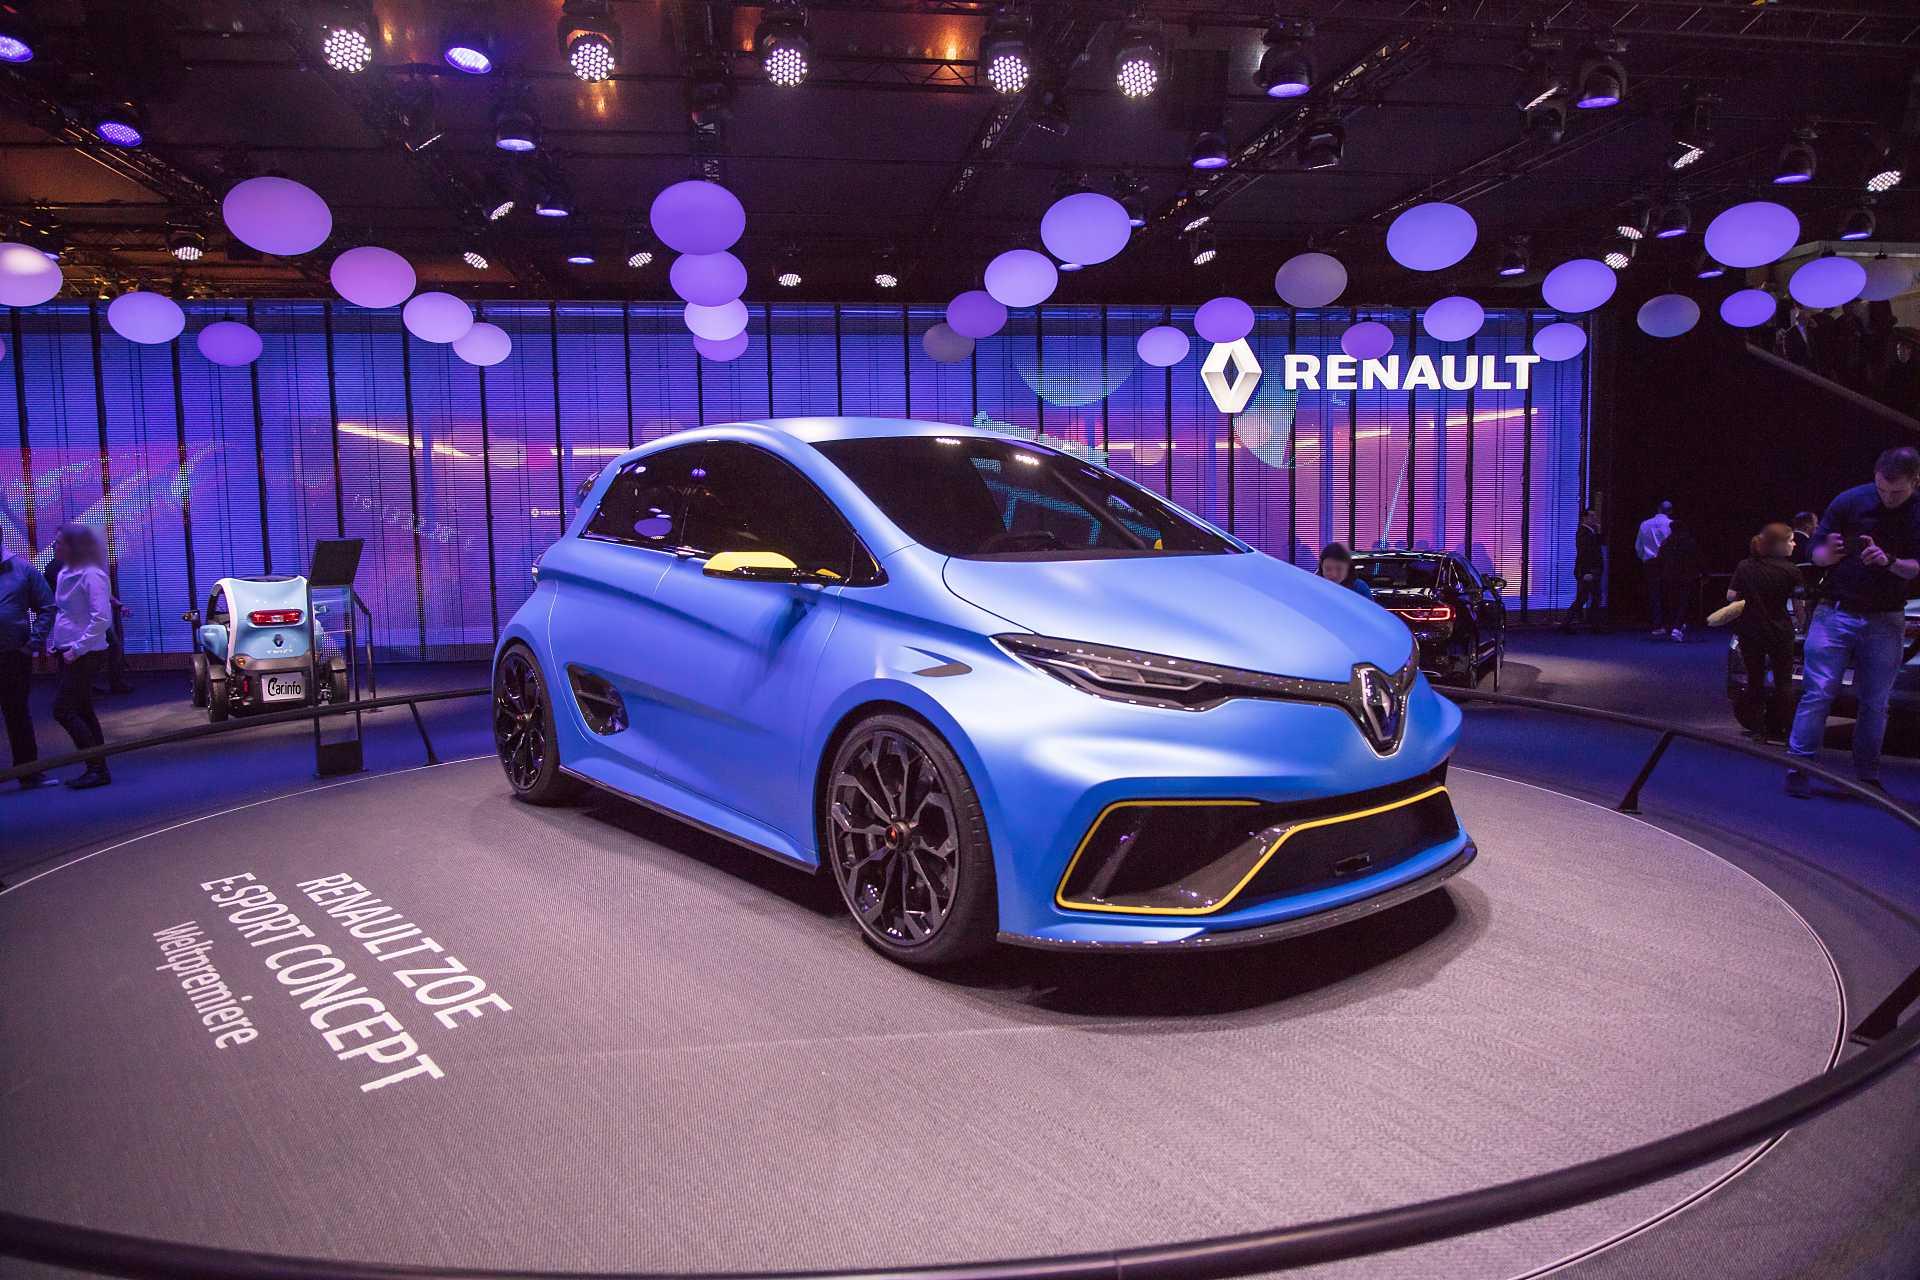 Un verdadero eléctrico de competición que cuenta con un alto potencial y prestaciones del mejor deportivo actual.